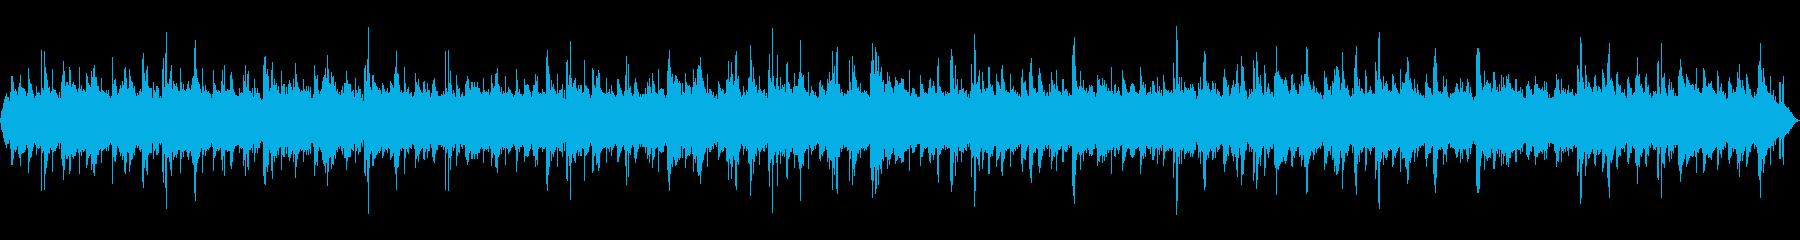 15分 宇宙 交信 癒し プラネタリウムの再生済みの波形